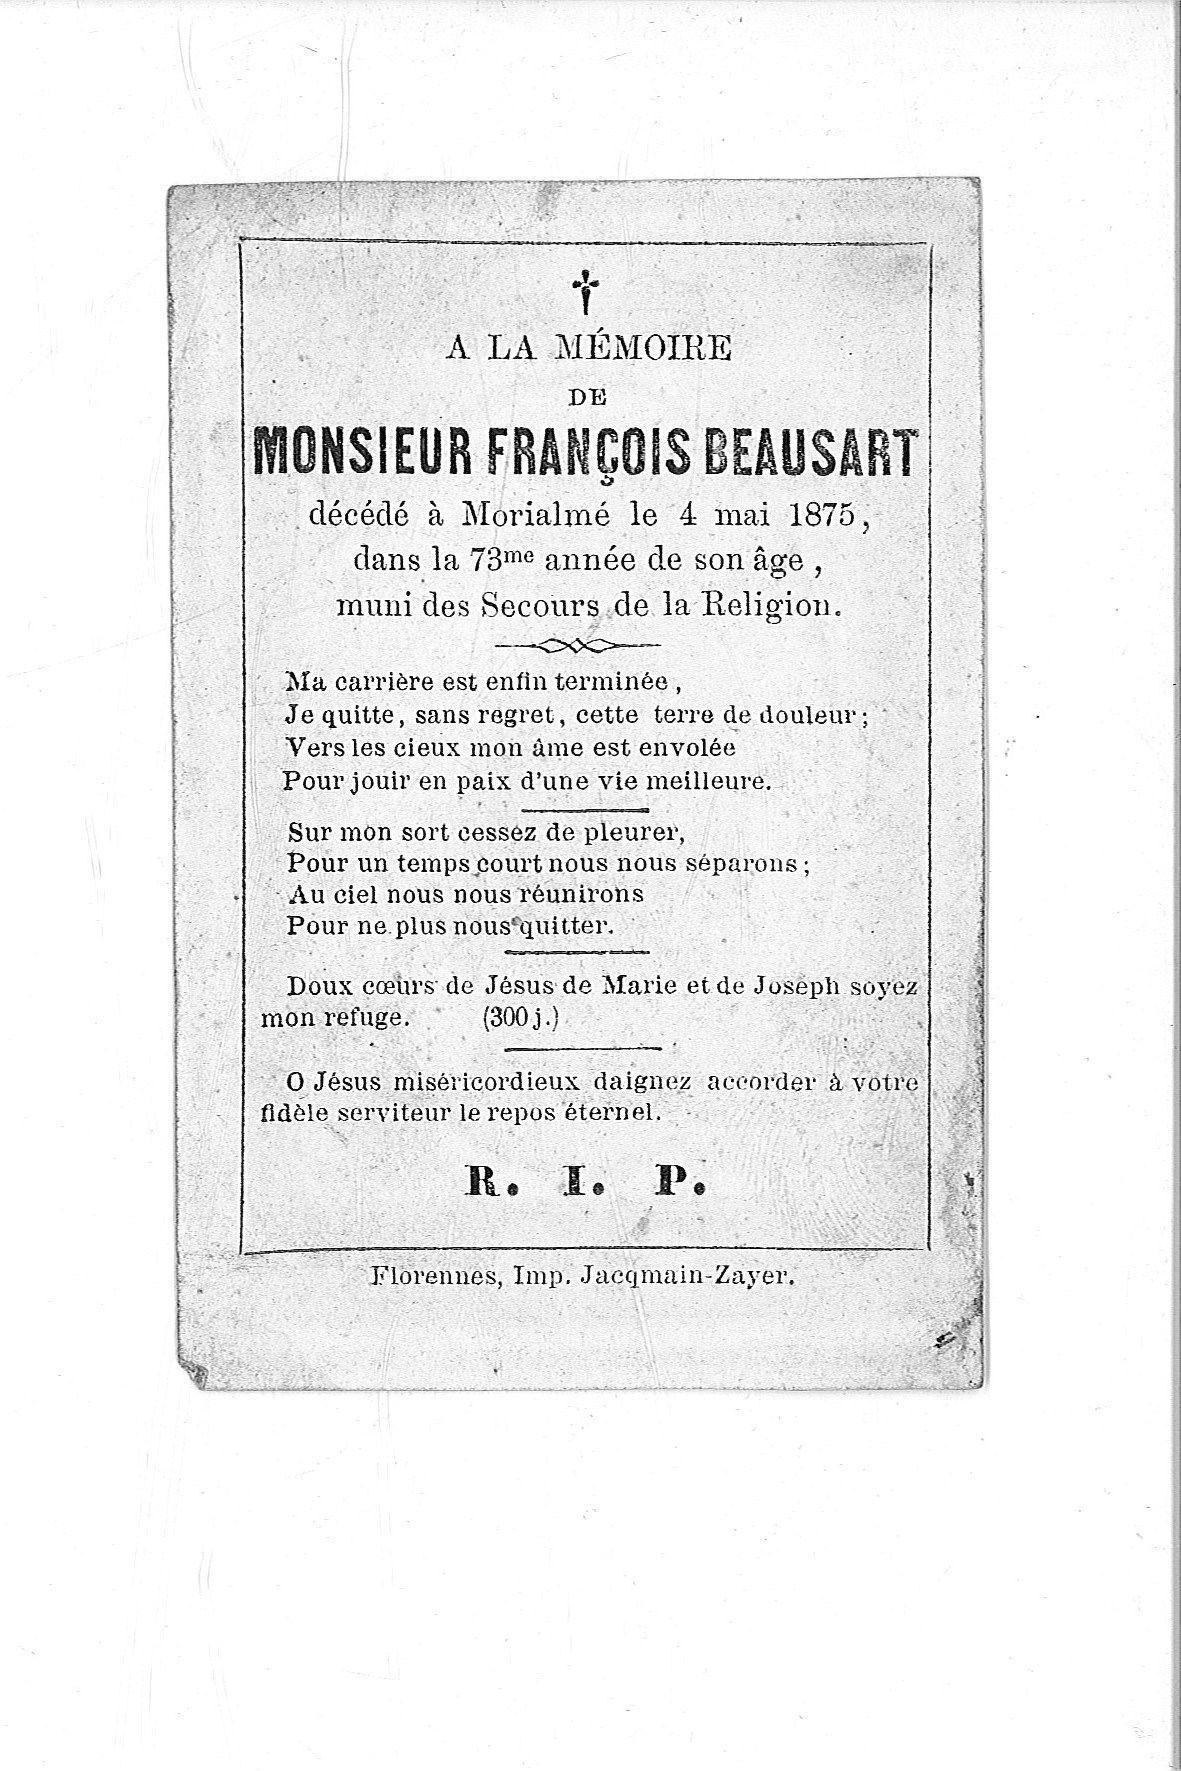 François(1876)20090806155105_00043.jpg